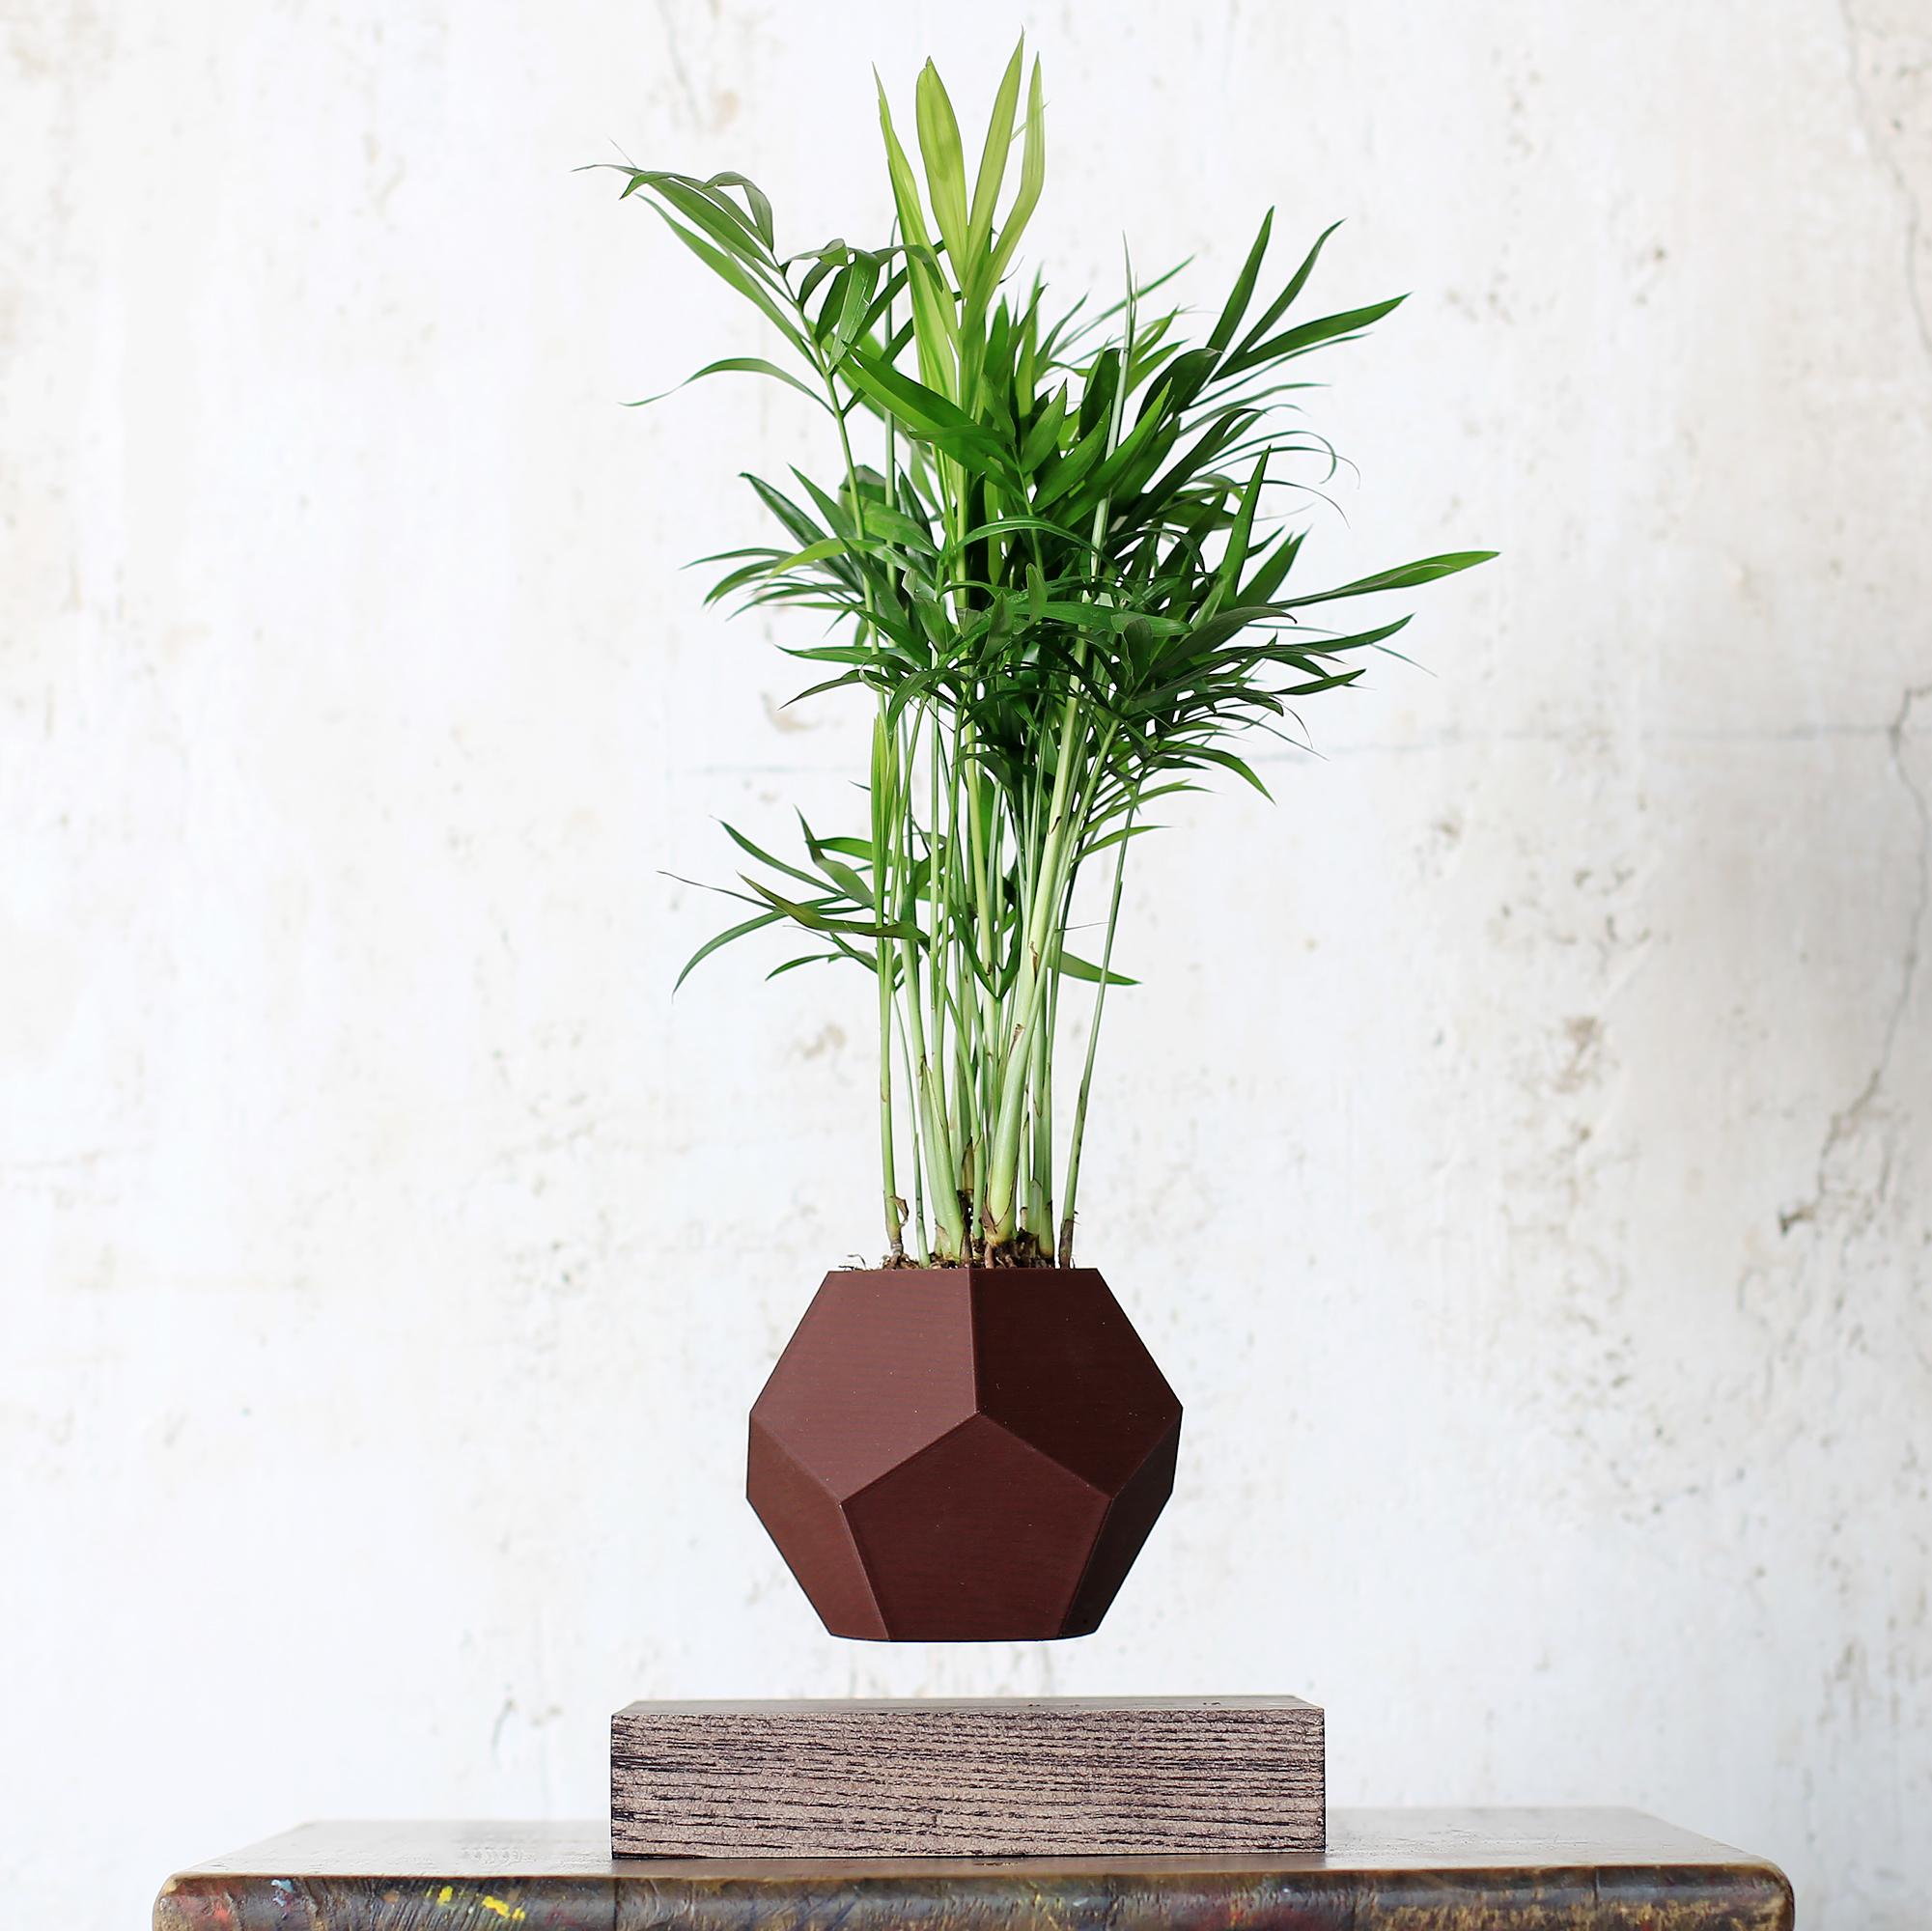 Левитирующее растение в темном кашпо